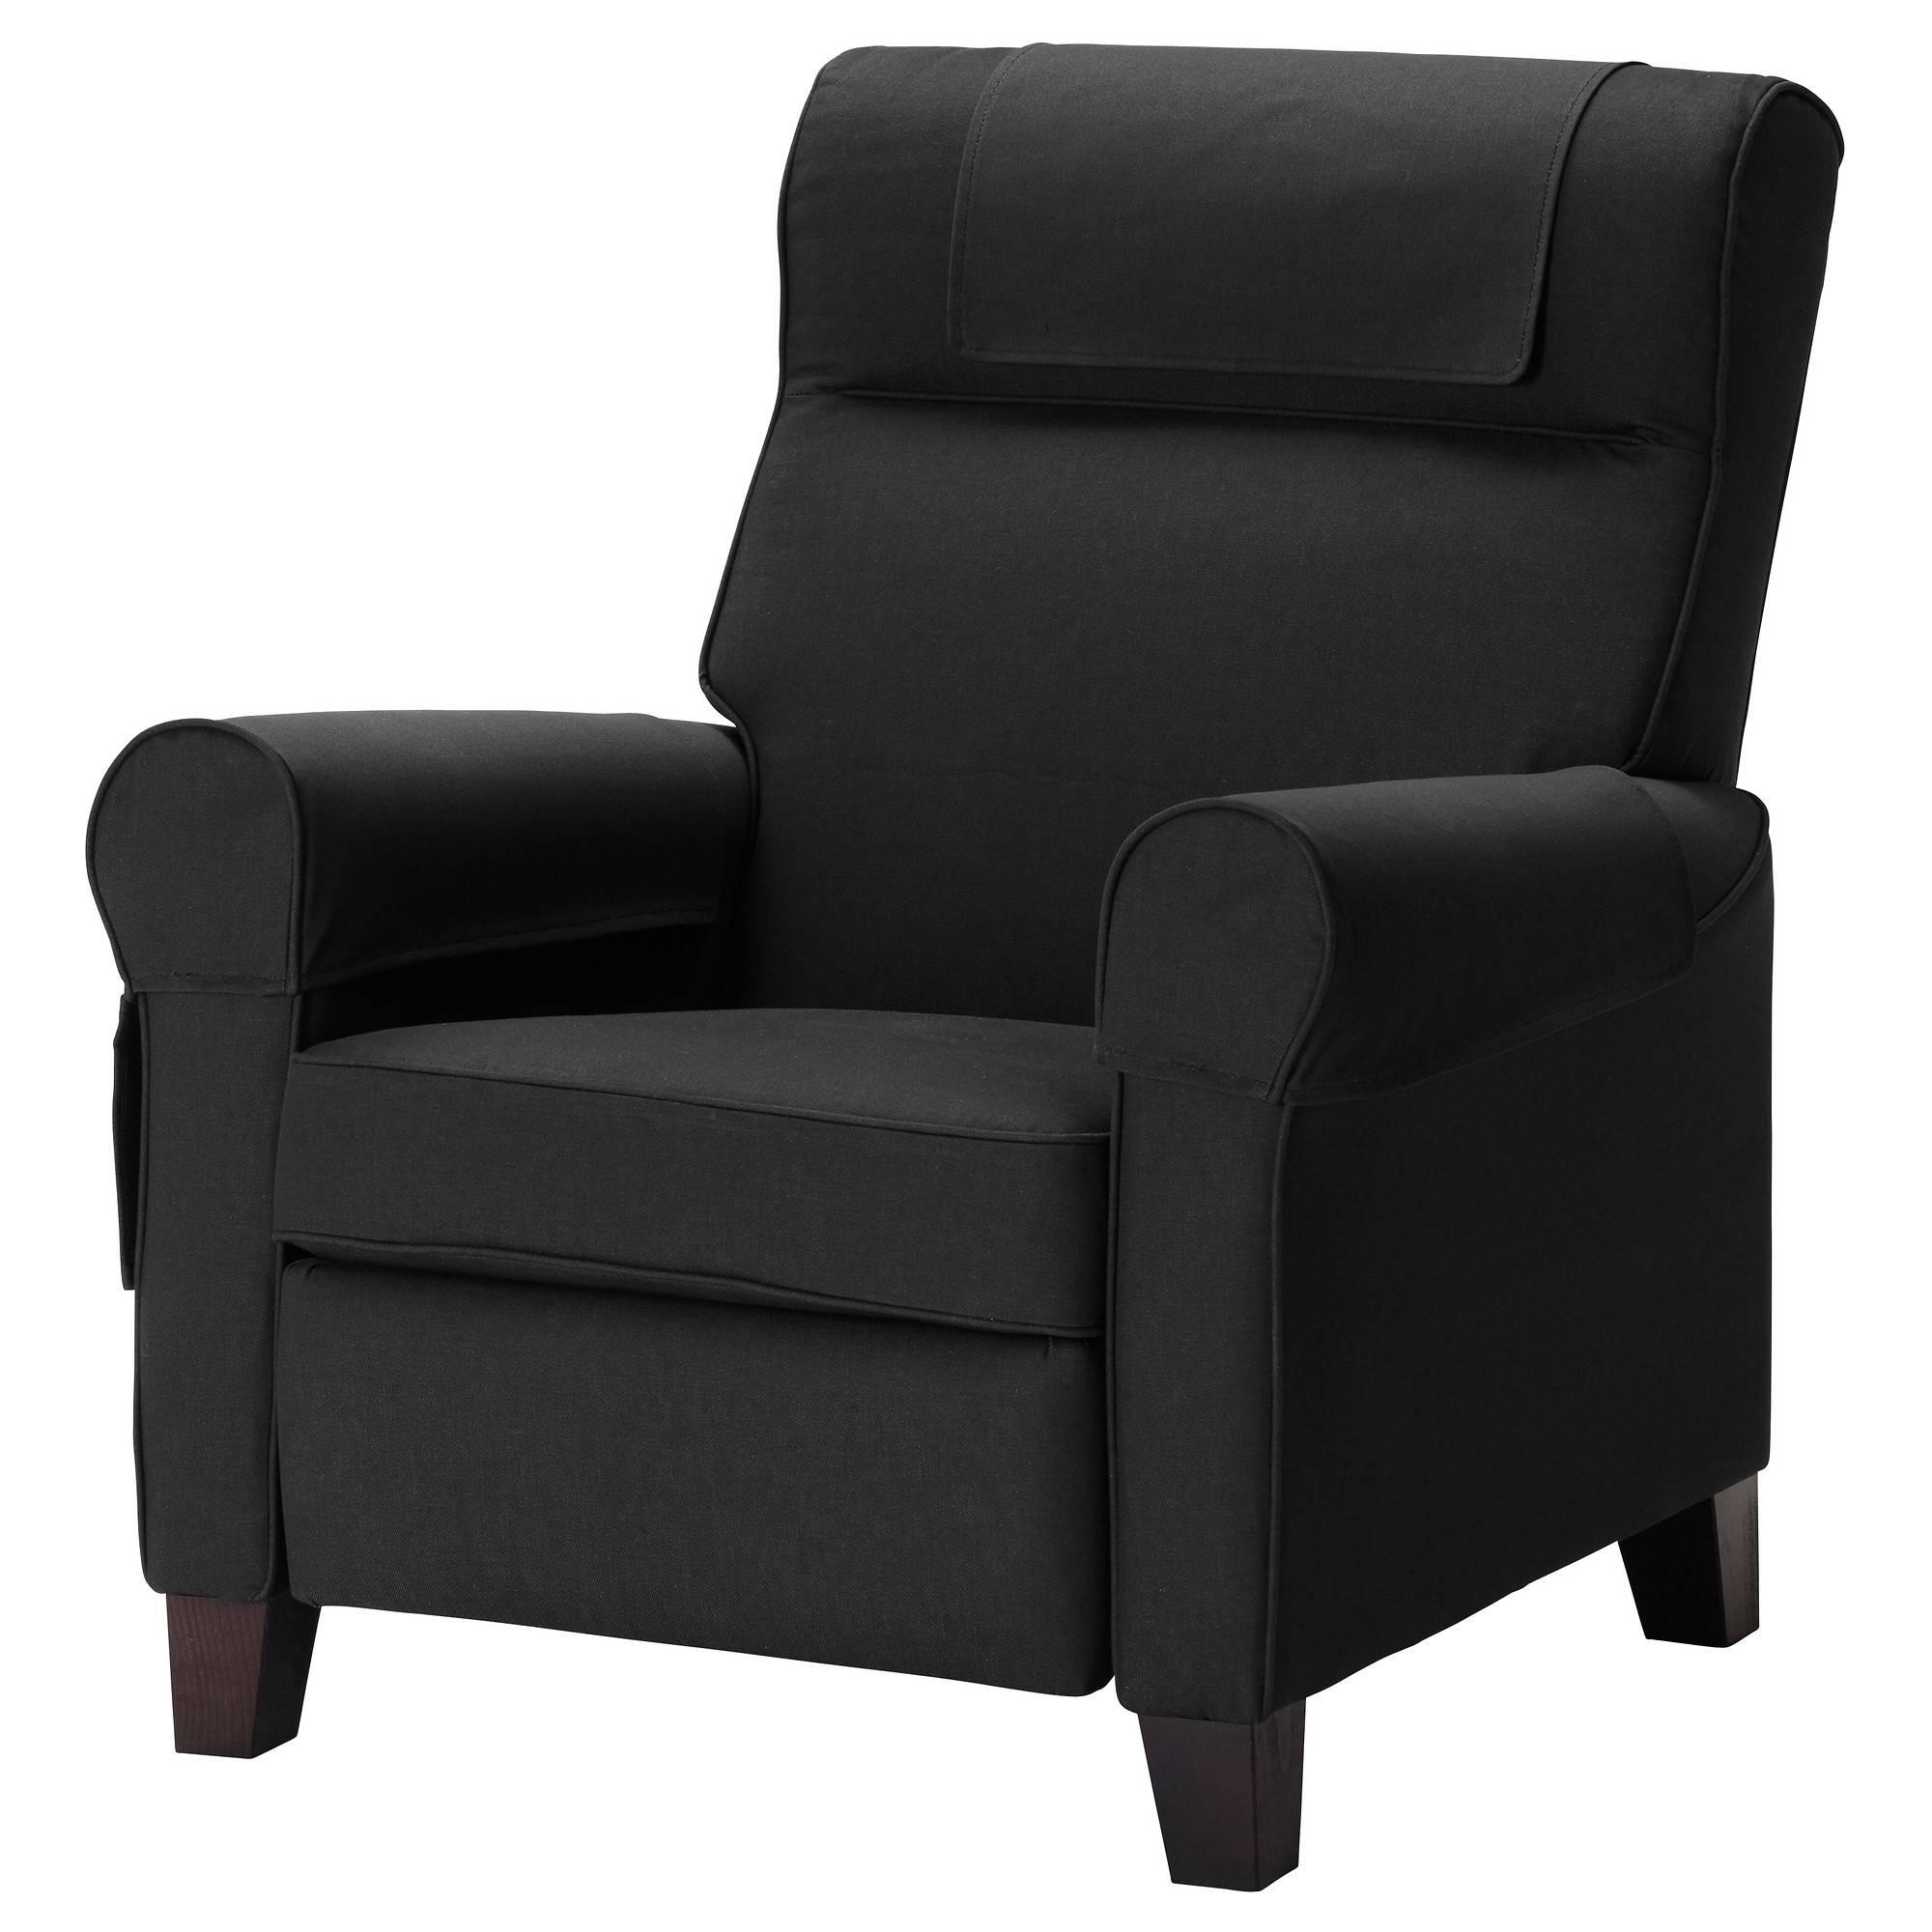 Chair Fabric Armchairs Ikea 0387953 Pe5595 Ikea Club Chair Ikea with Fabric Armchairs (Image 7 of 30)